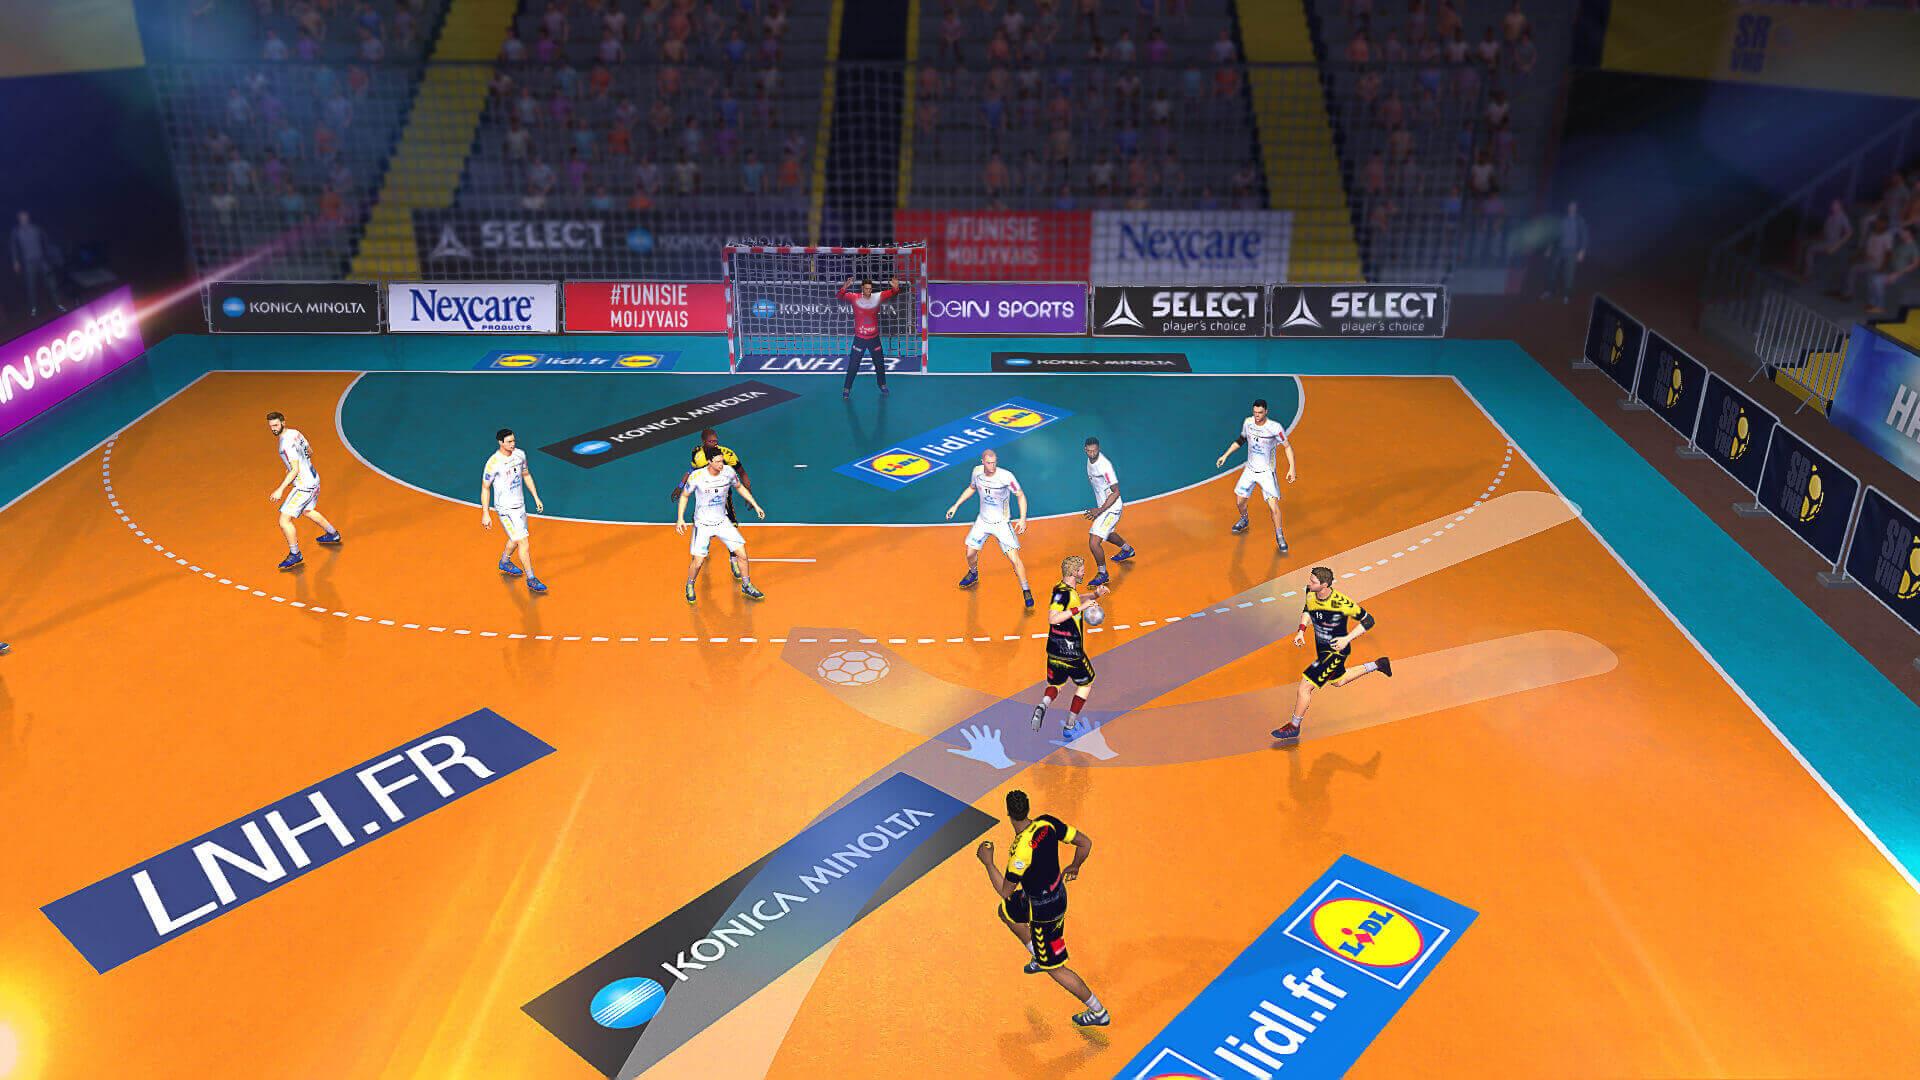 handball 16 sur ps4 playstation store officiel france. Black Bedroom Furniture Sets. Home Design Ideas